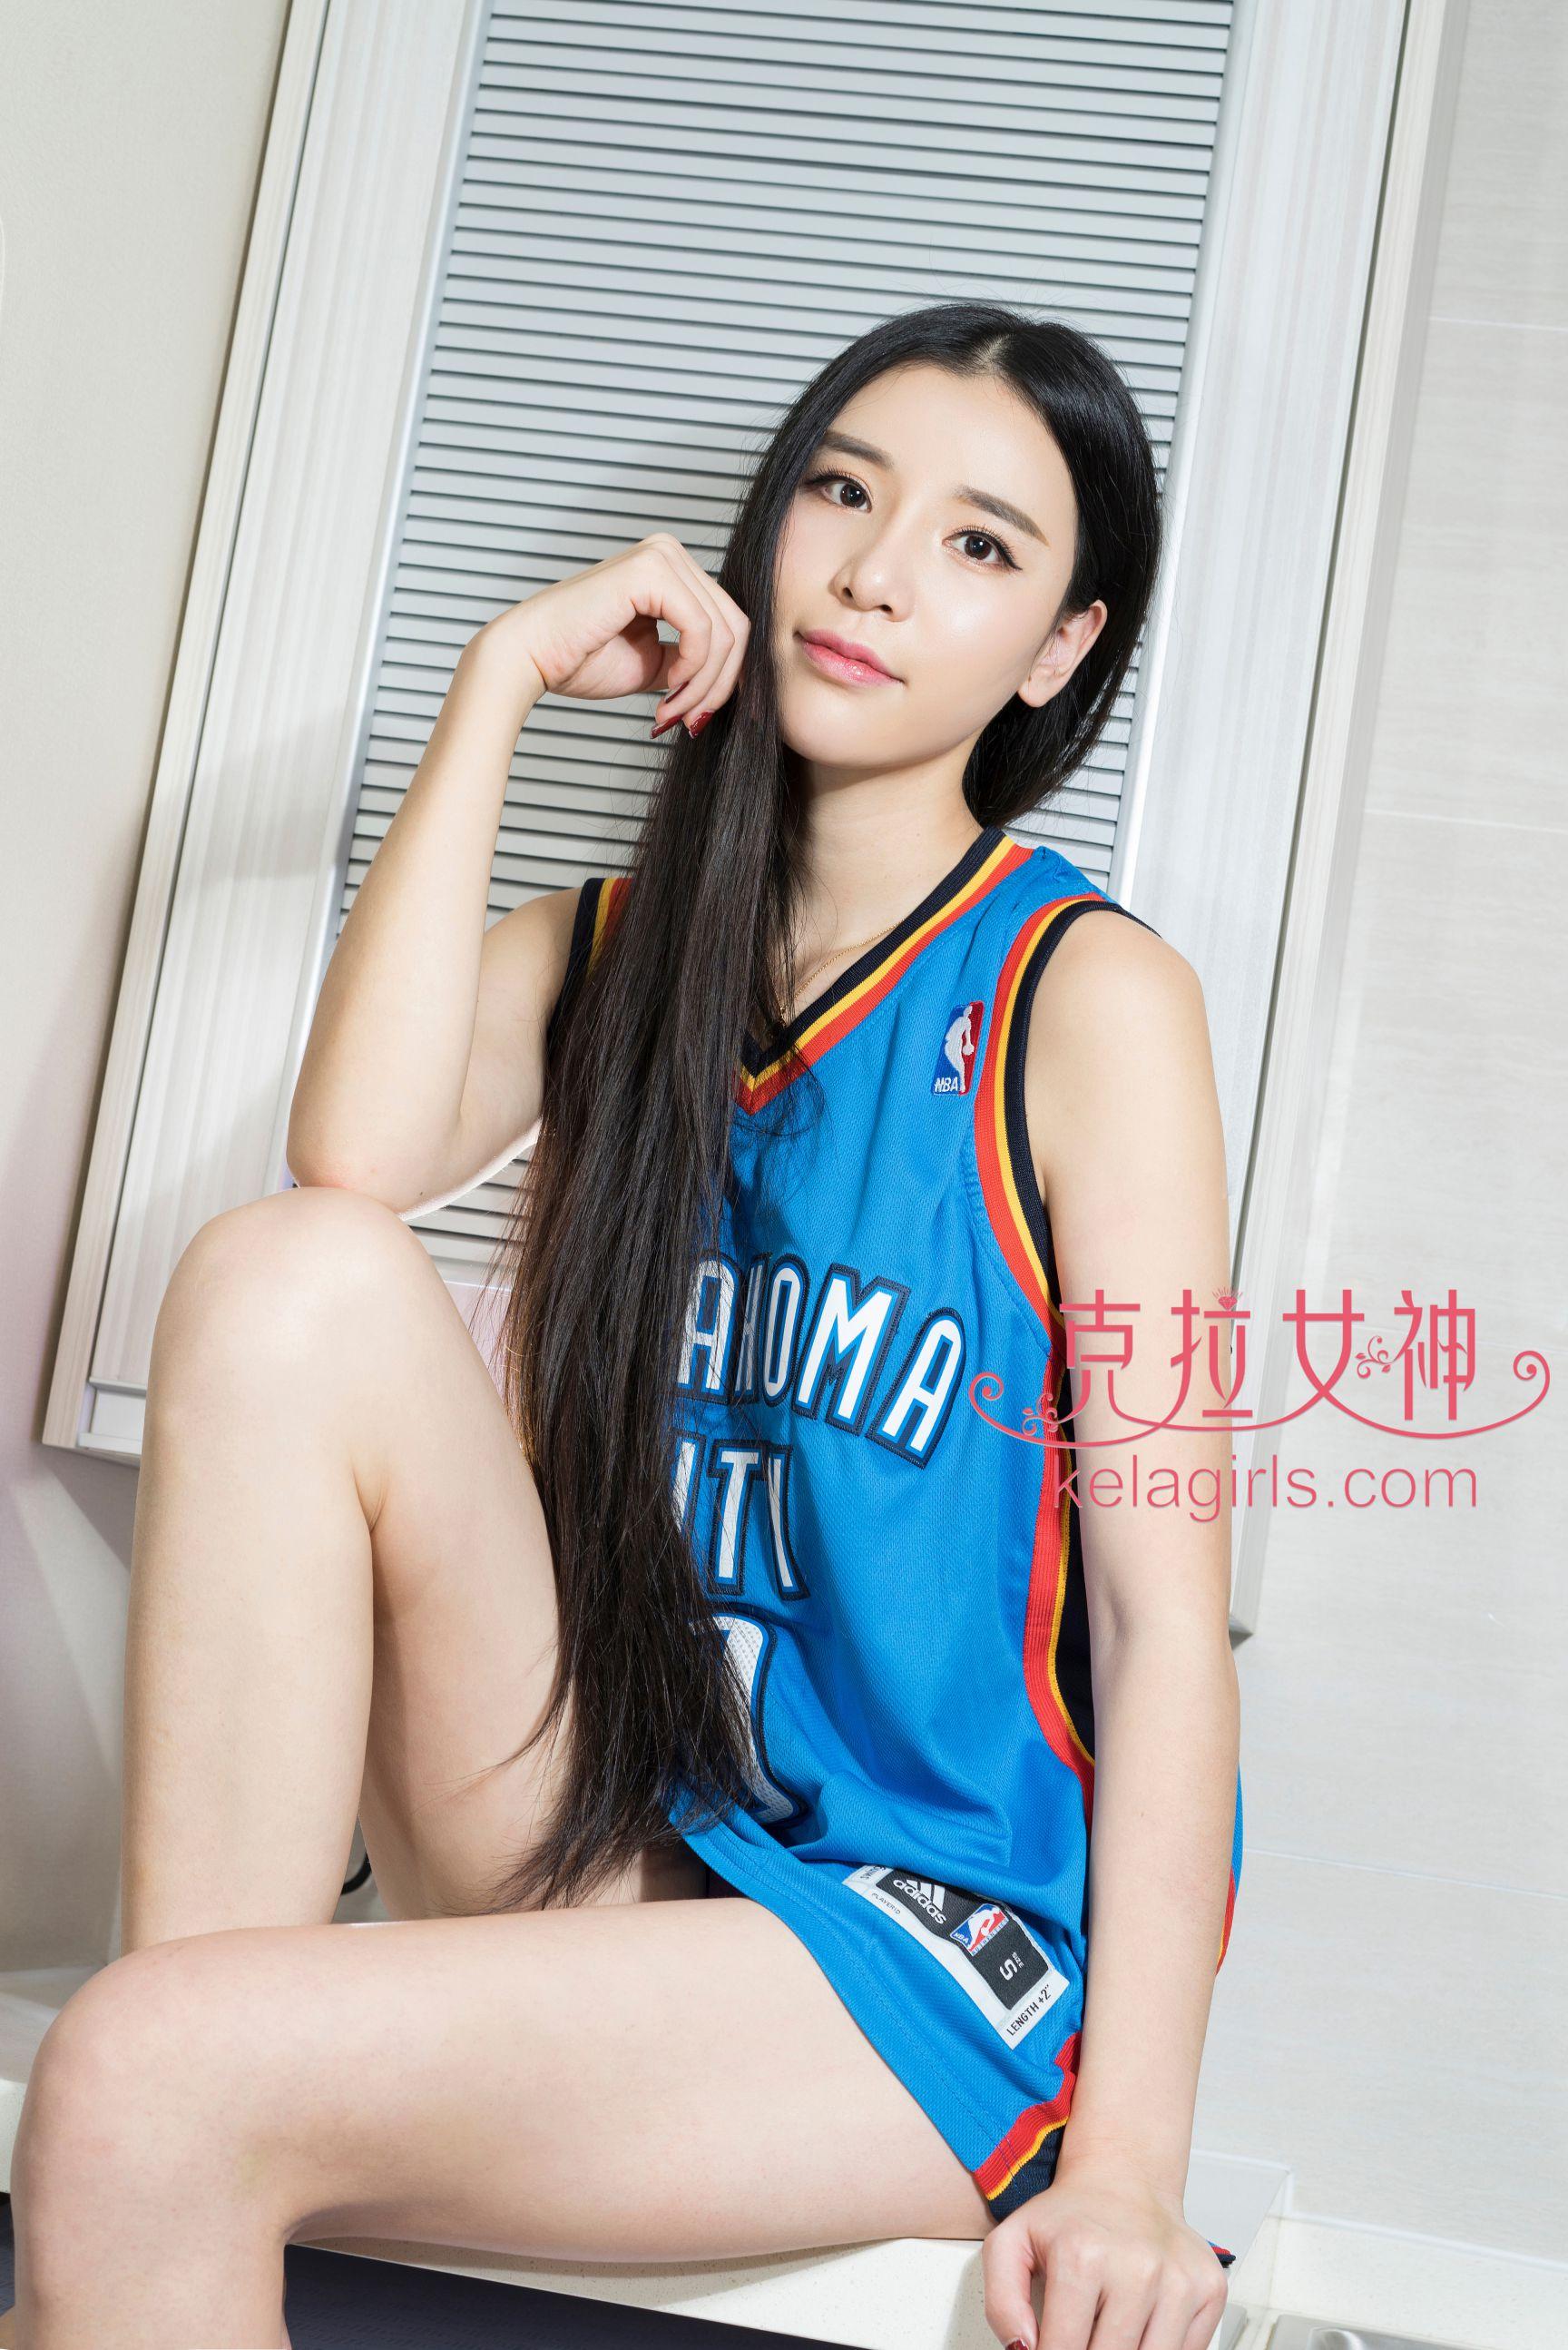 悦宁 - 威少球迷庆新高 写真图片